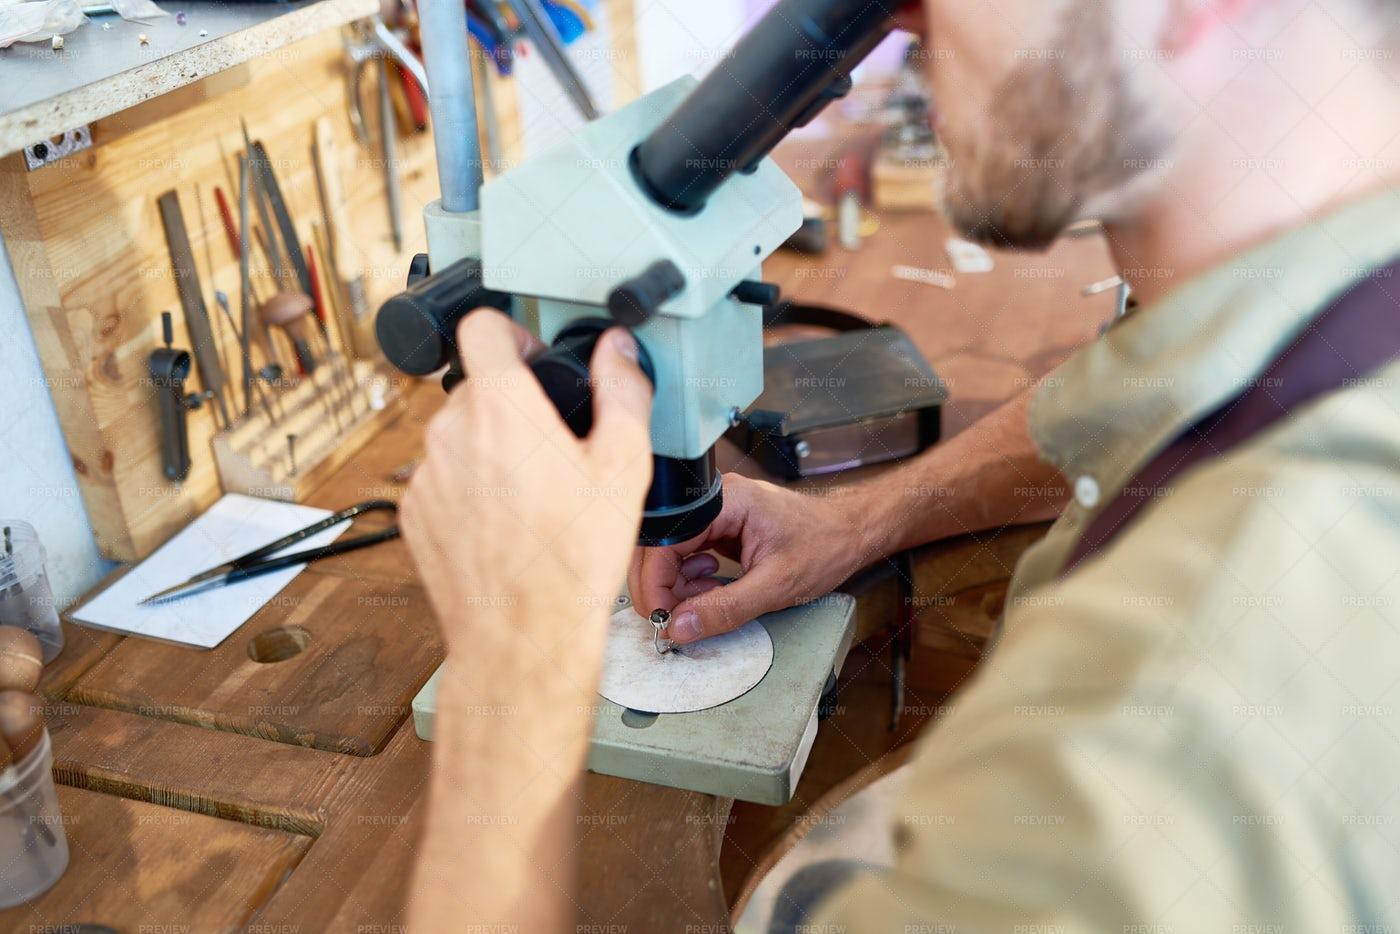 Jeweler Examining Ring: Stock Photos